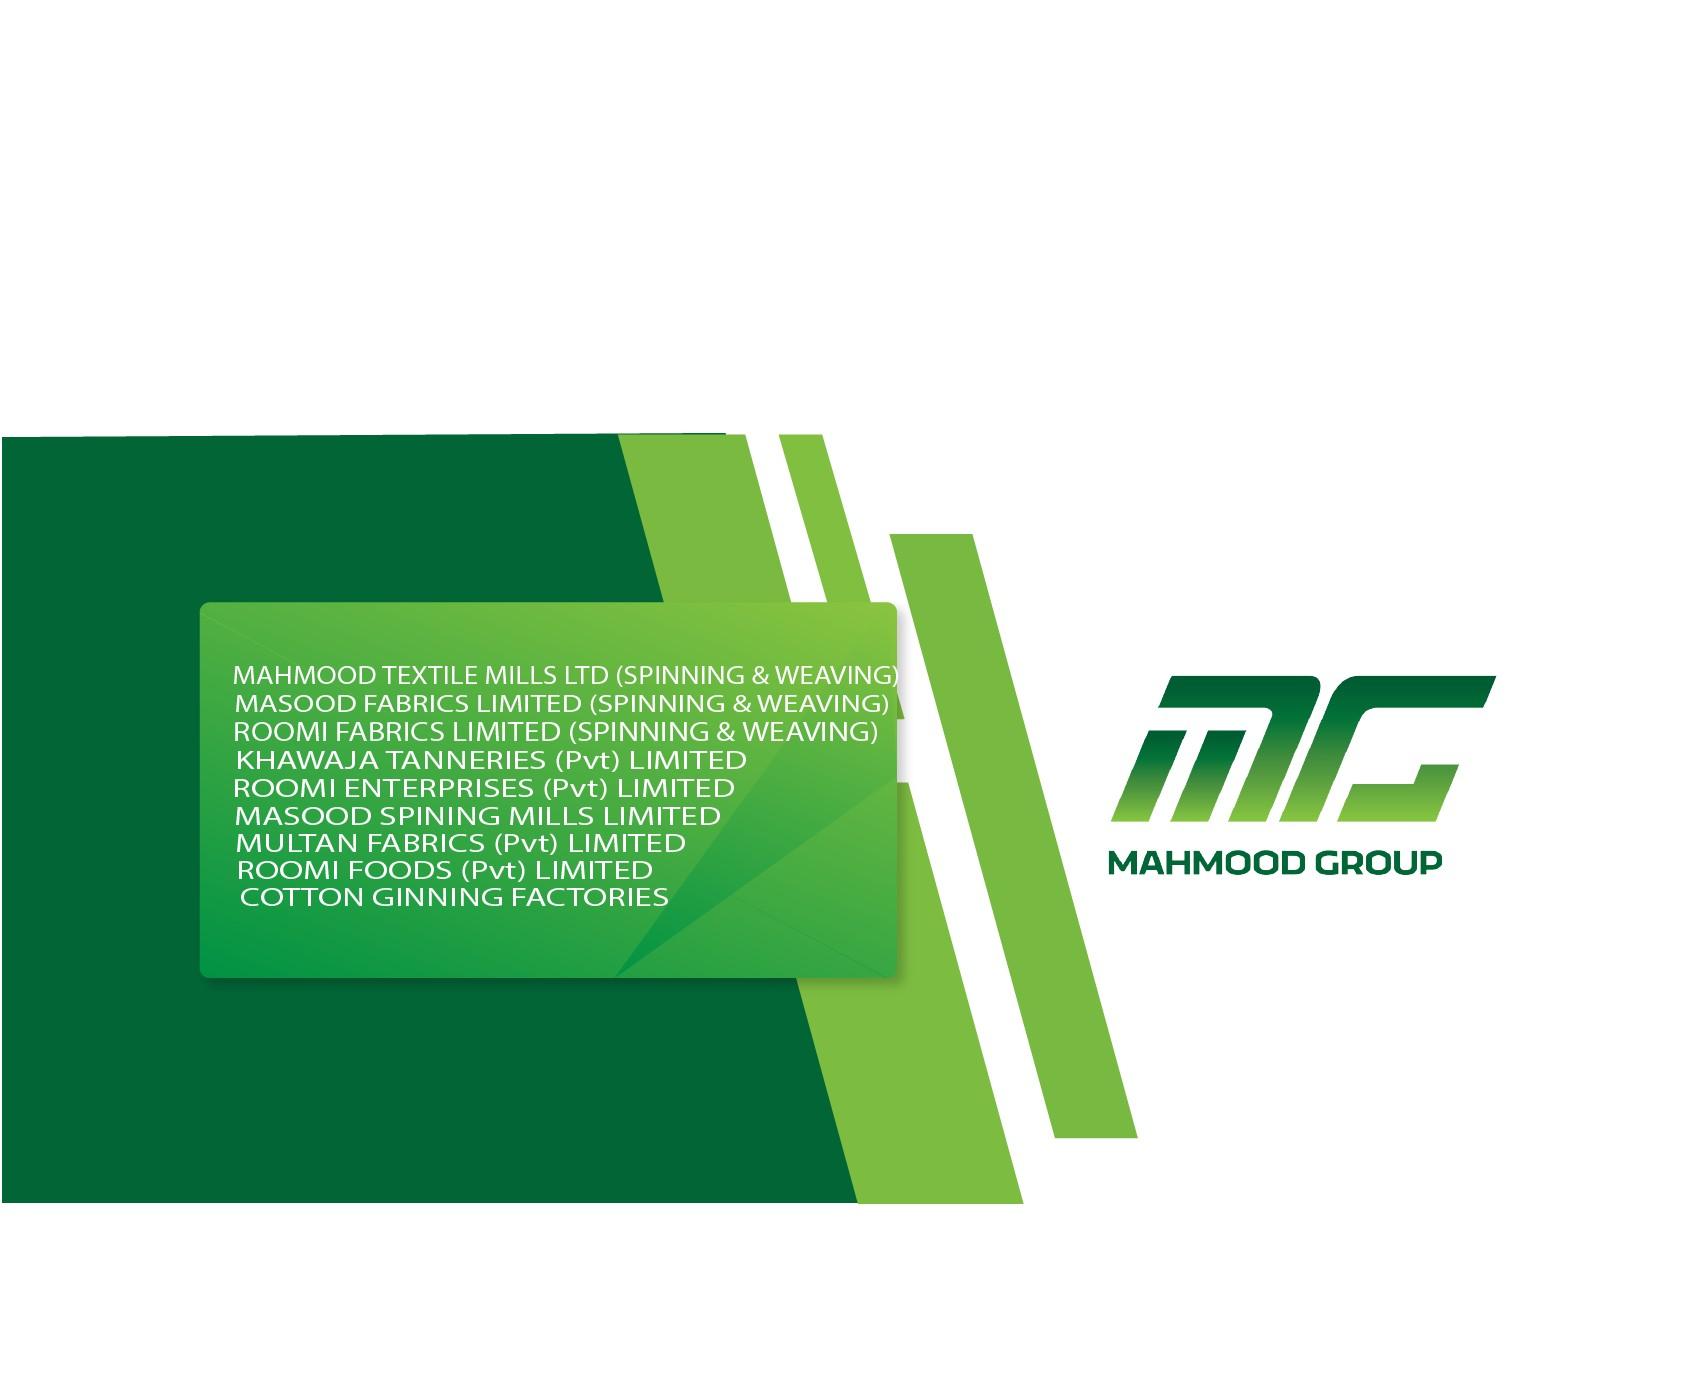 Mahmood Group of Industries | LinkedIn